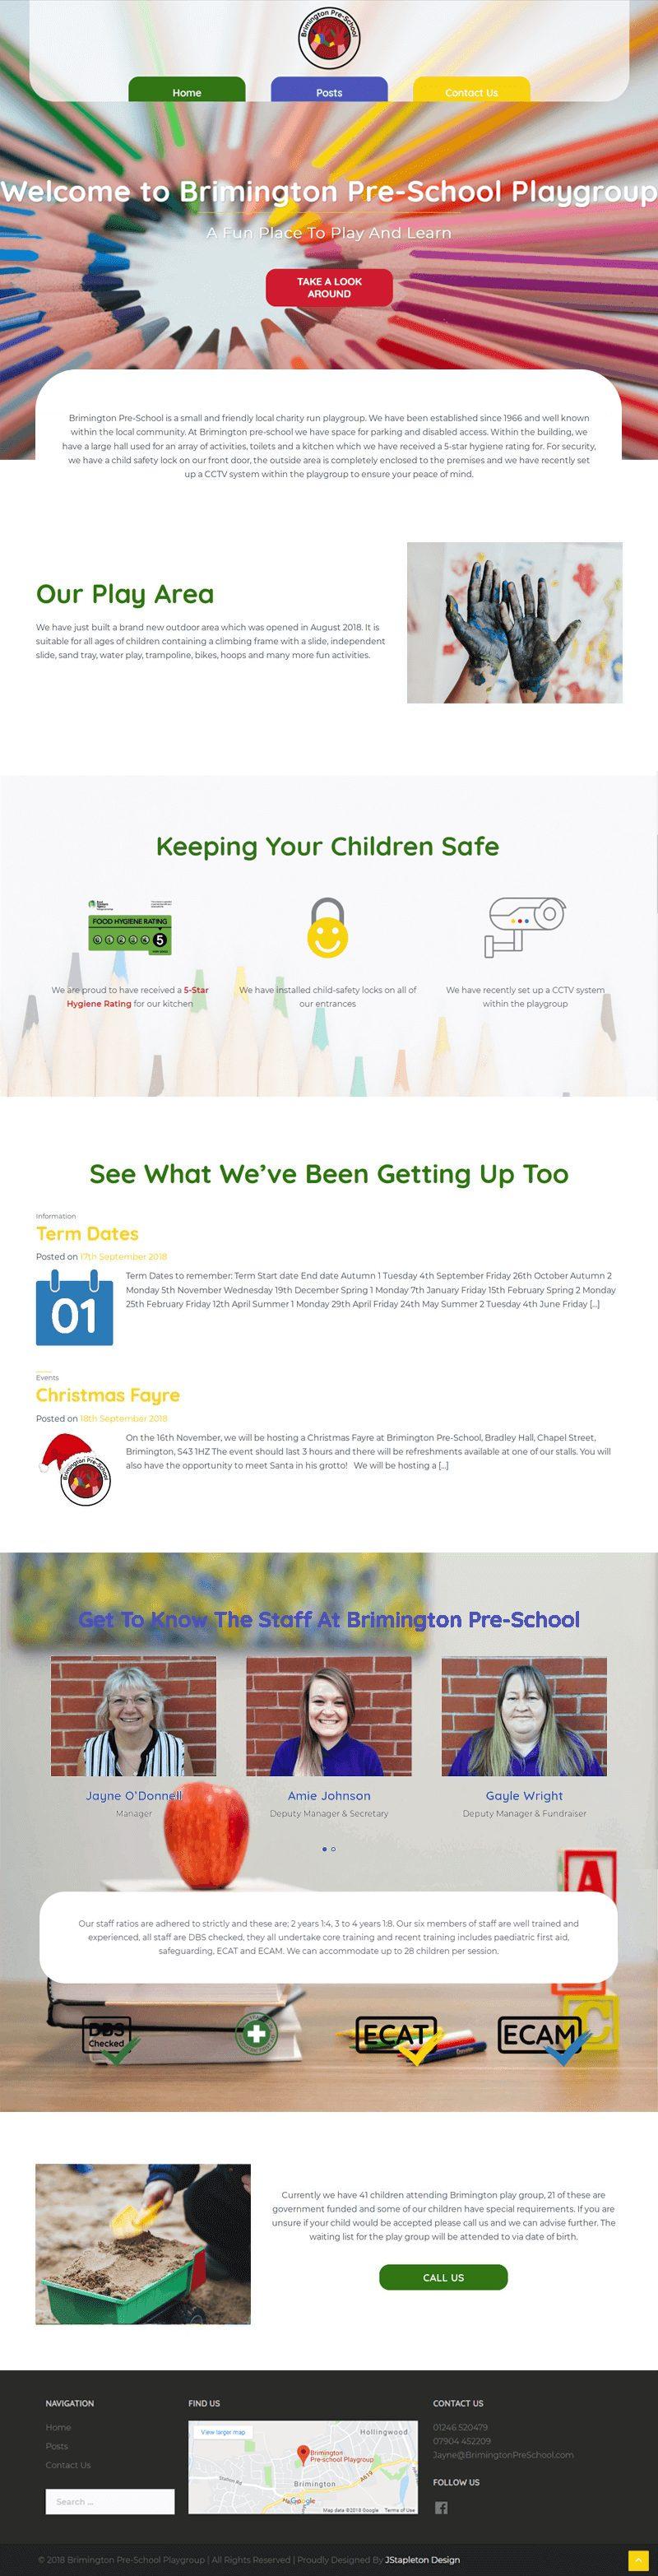 Brimington Pre-School Home Page